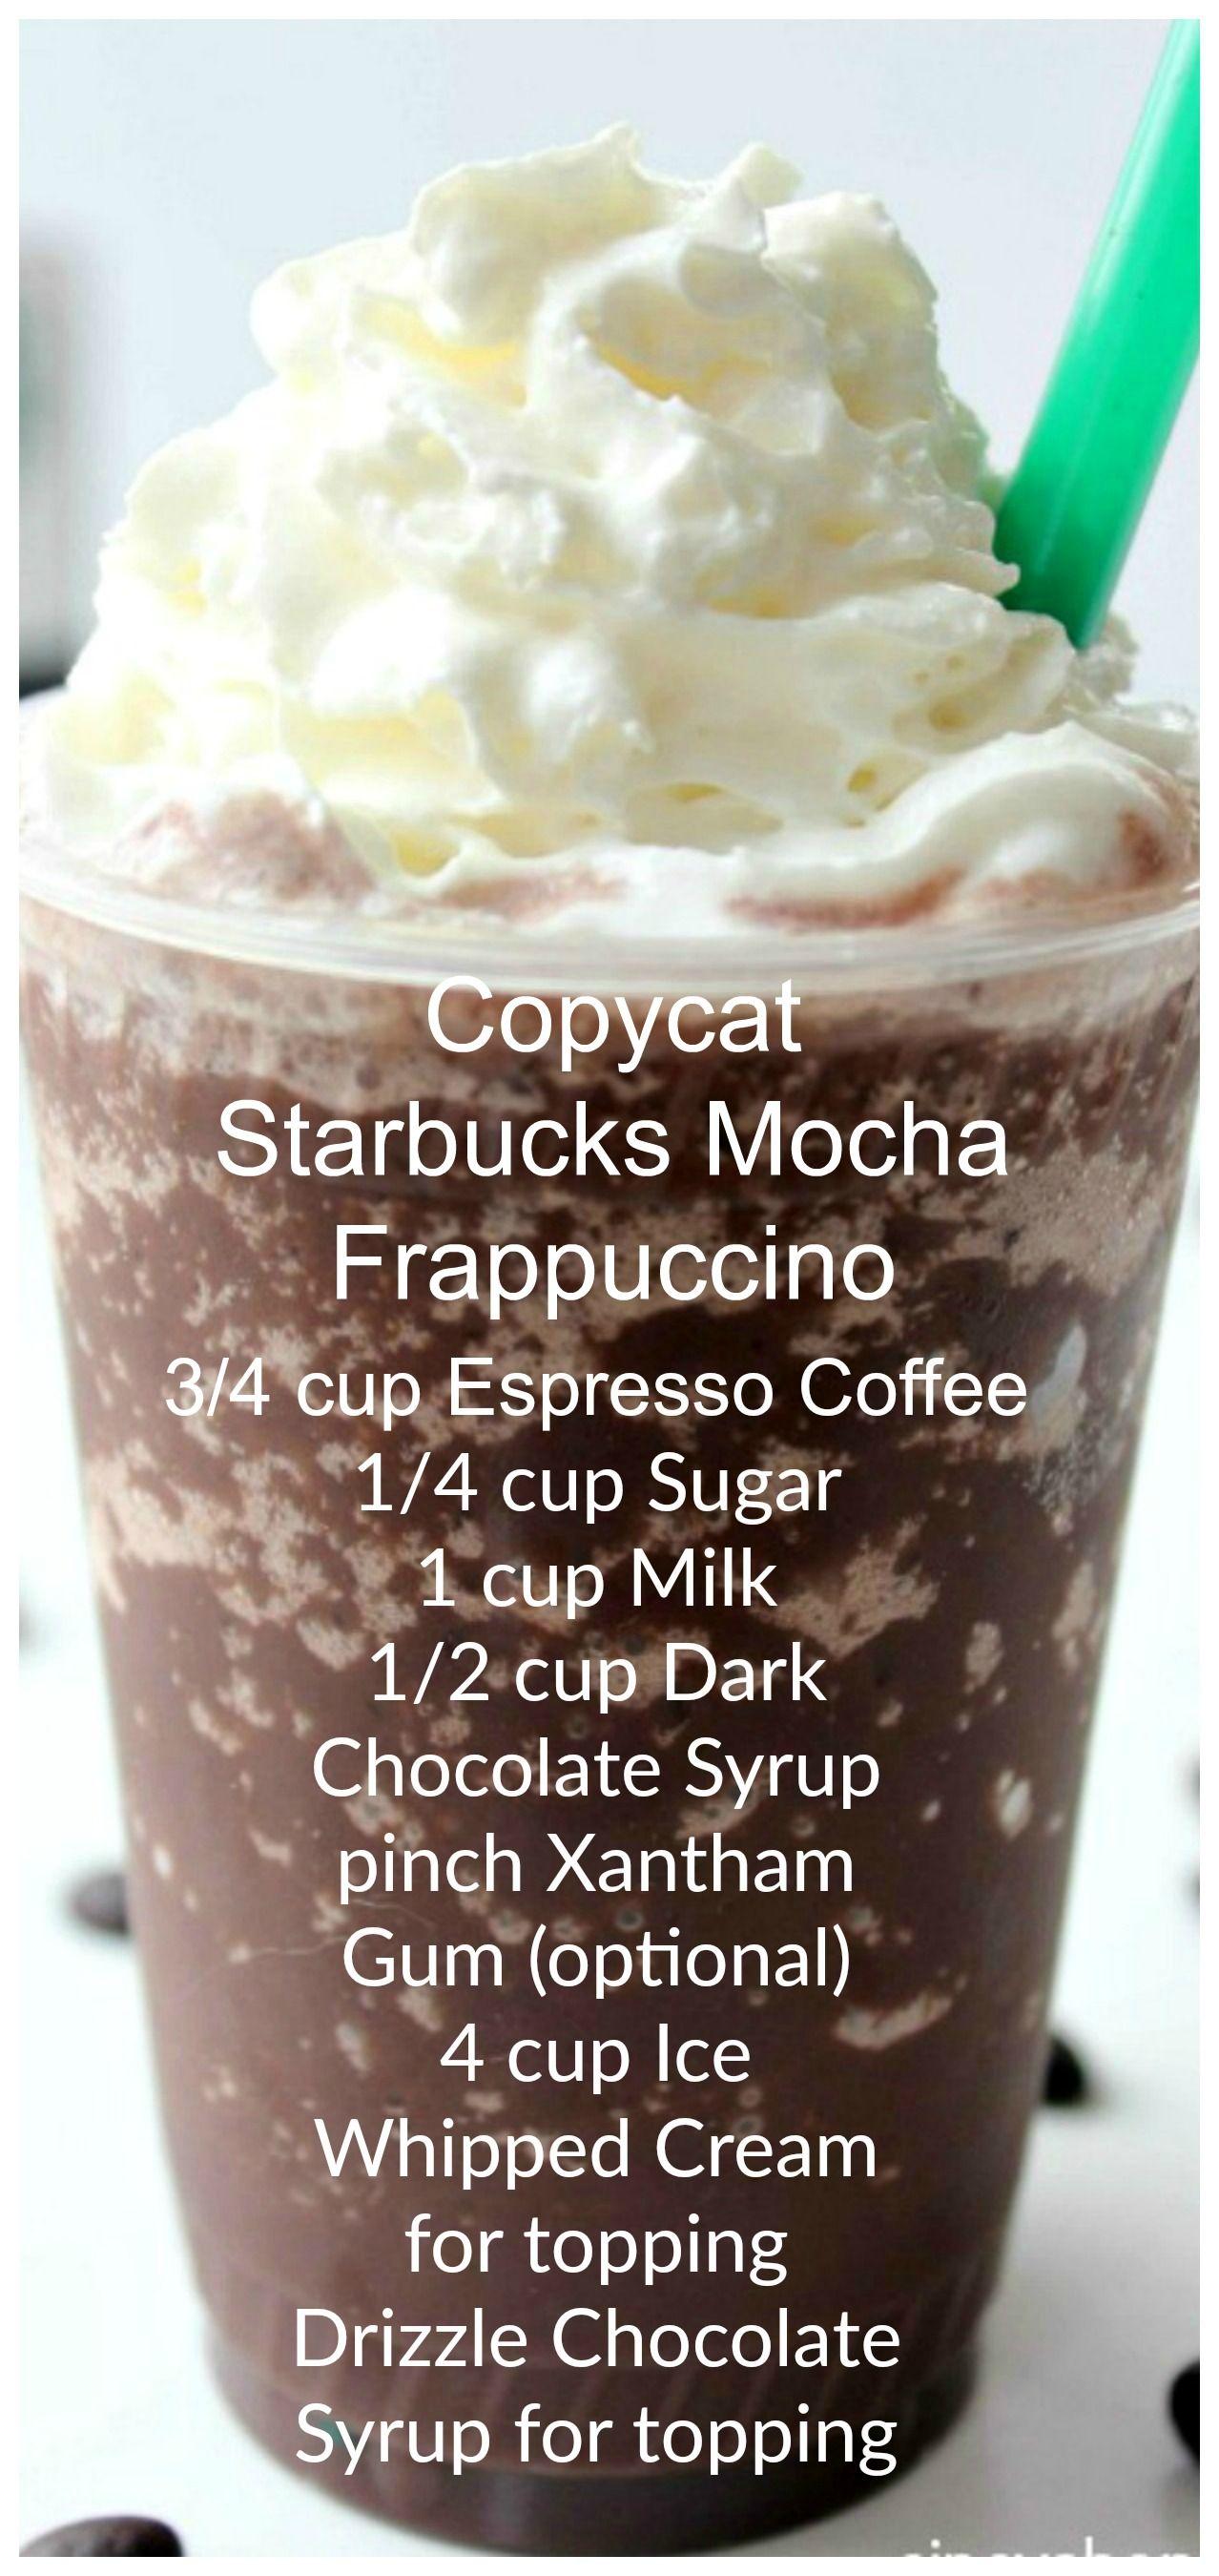 Copycat Starbucks Mocha Frappuccino Recipe Starbucks Drinks Recipes Starbucks Recipes Starbucks Frappuccino Recipe